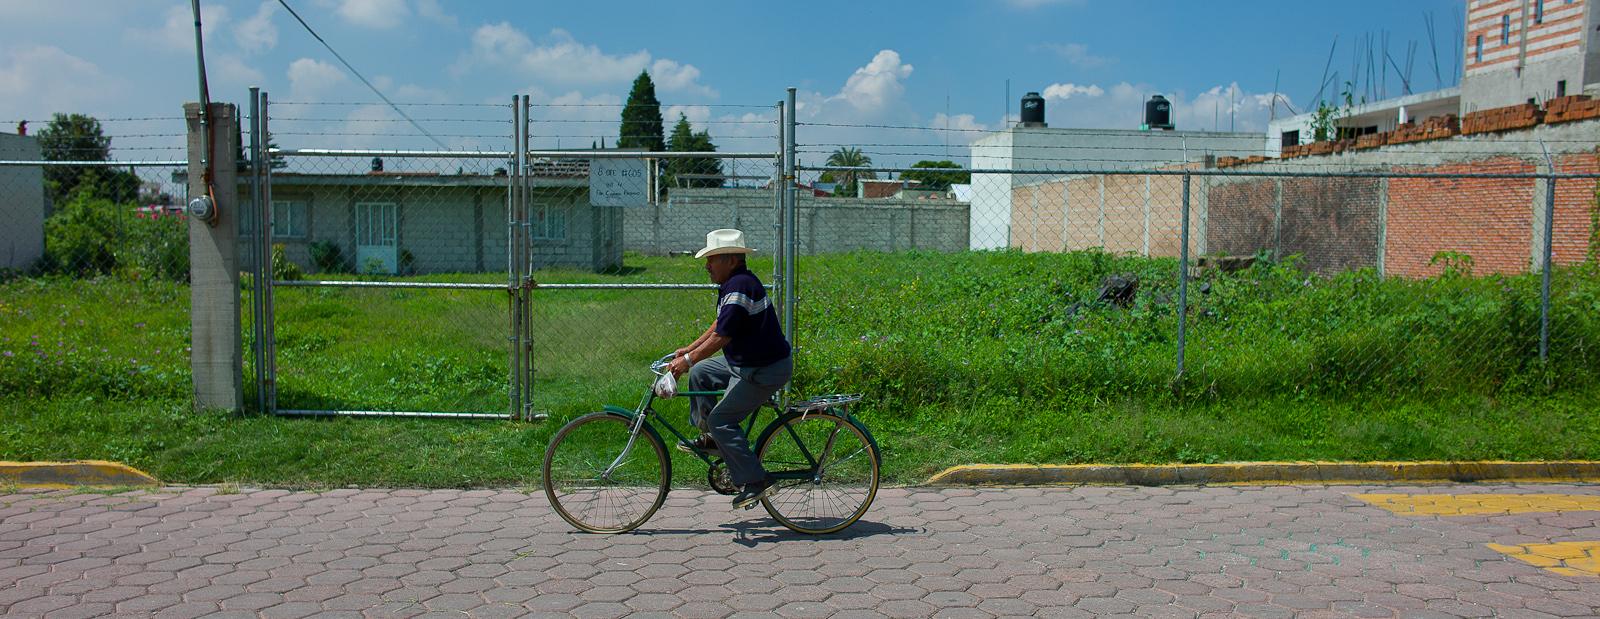 Man on Bike, Empty Lot